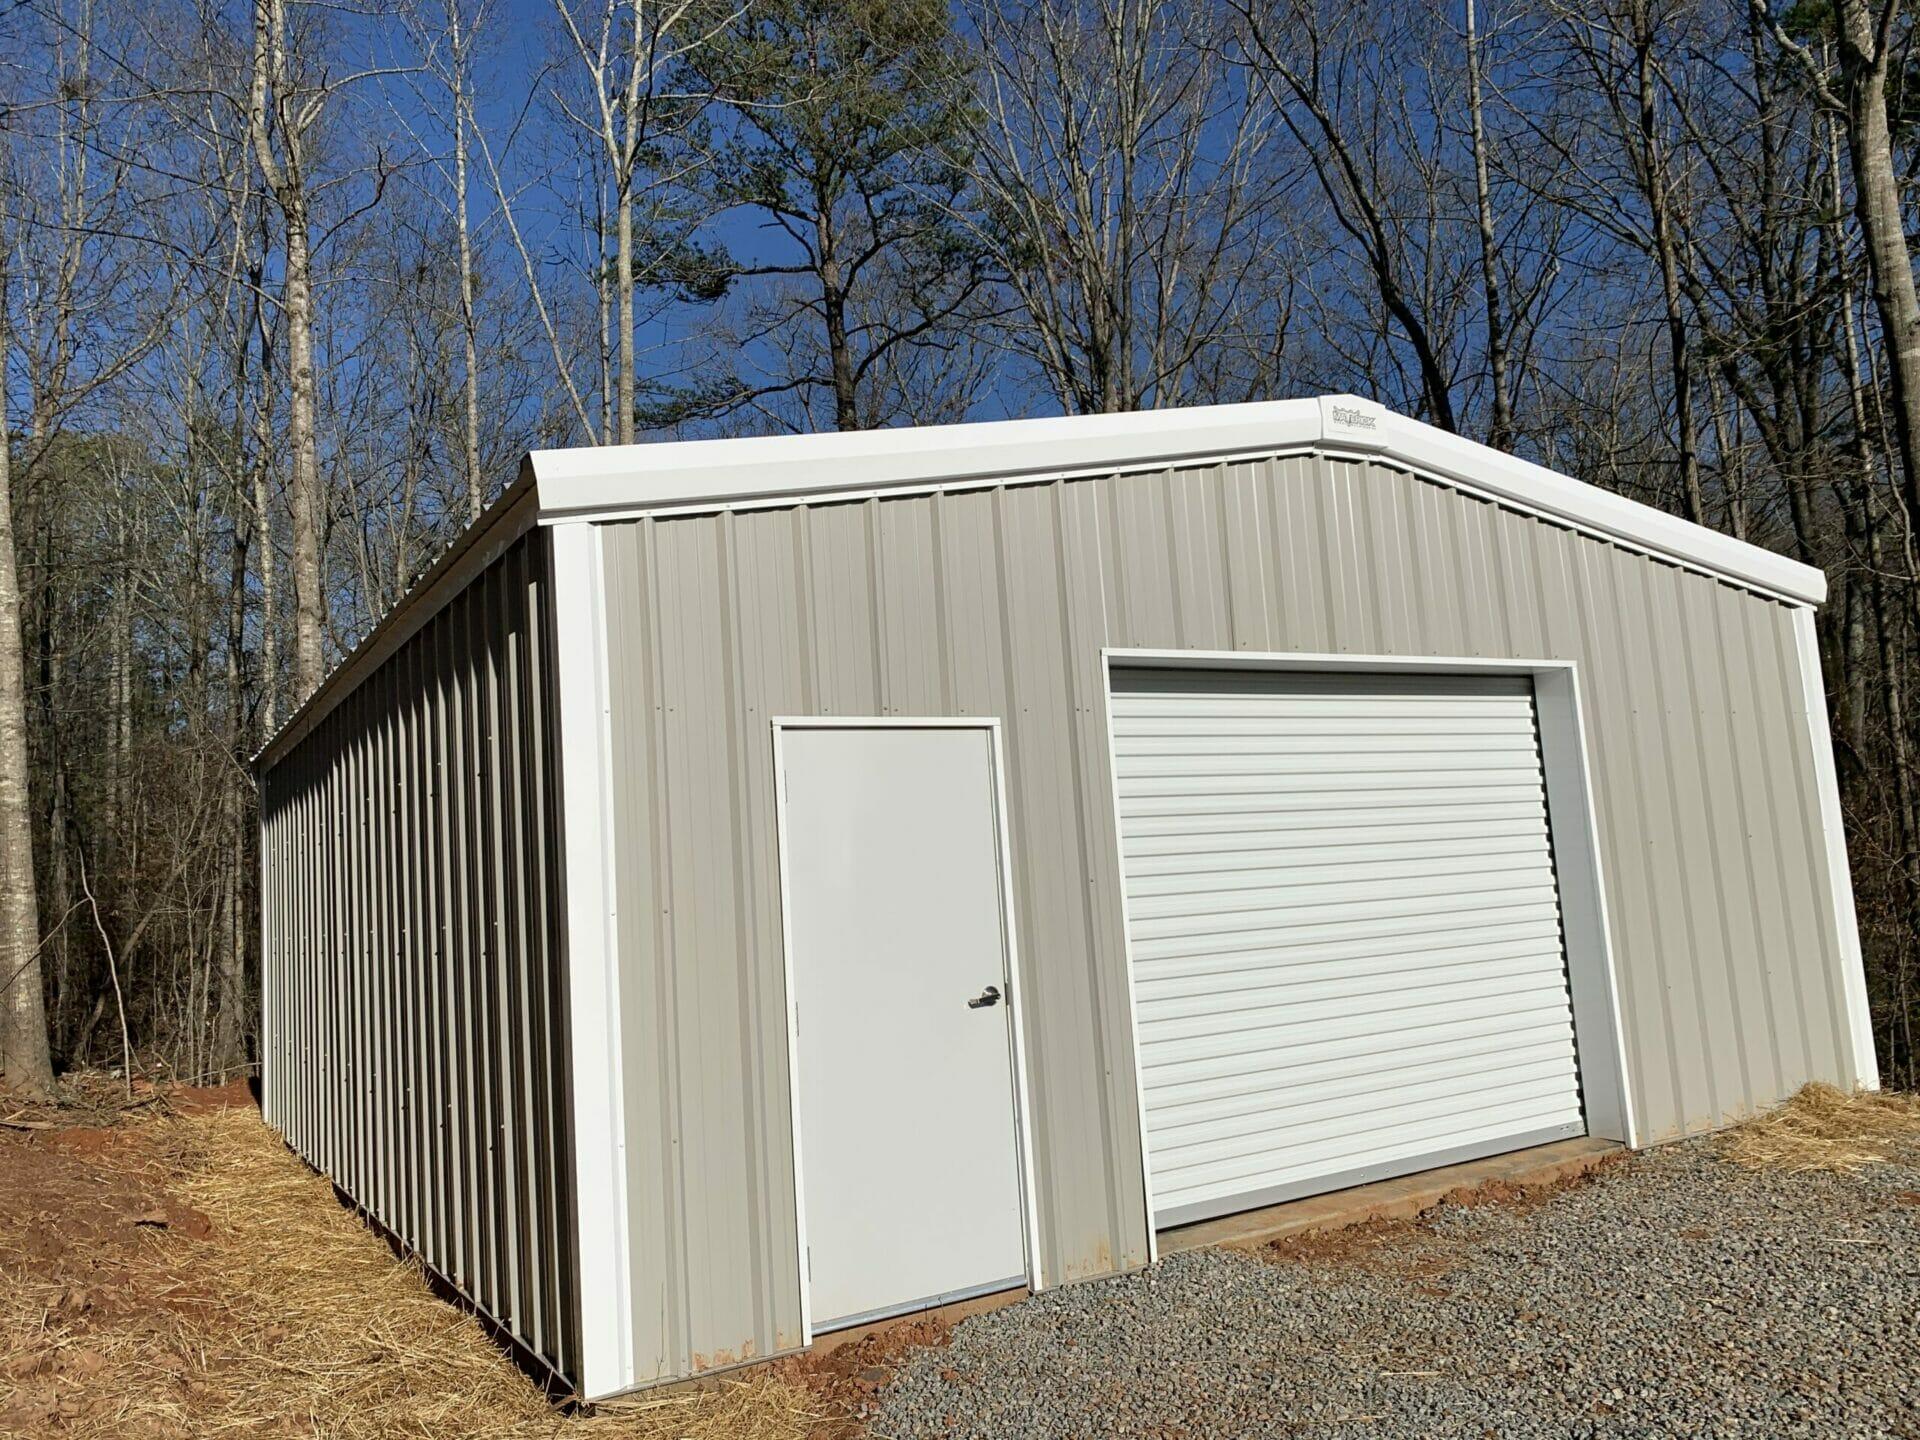 Pre-Engineered 30x40 Metal Garage Building With Roll Up Garage Door And Standard Door